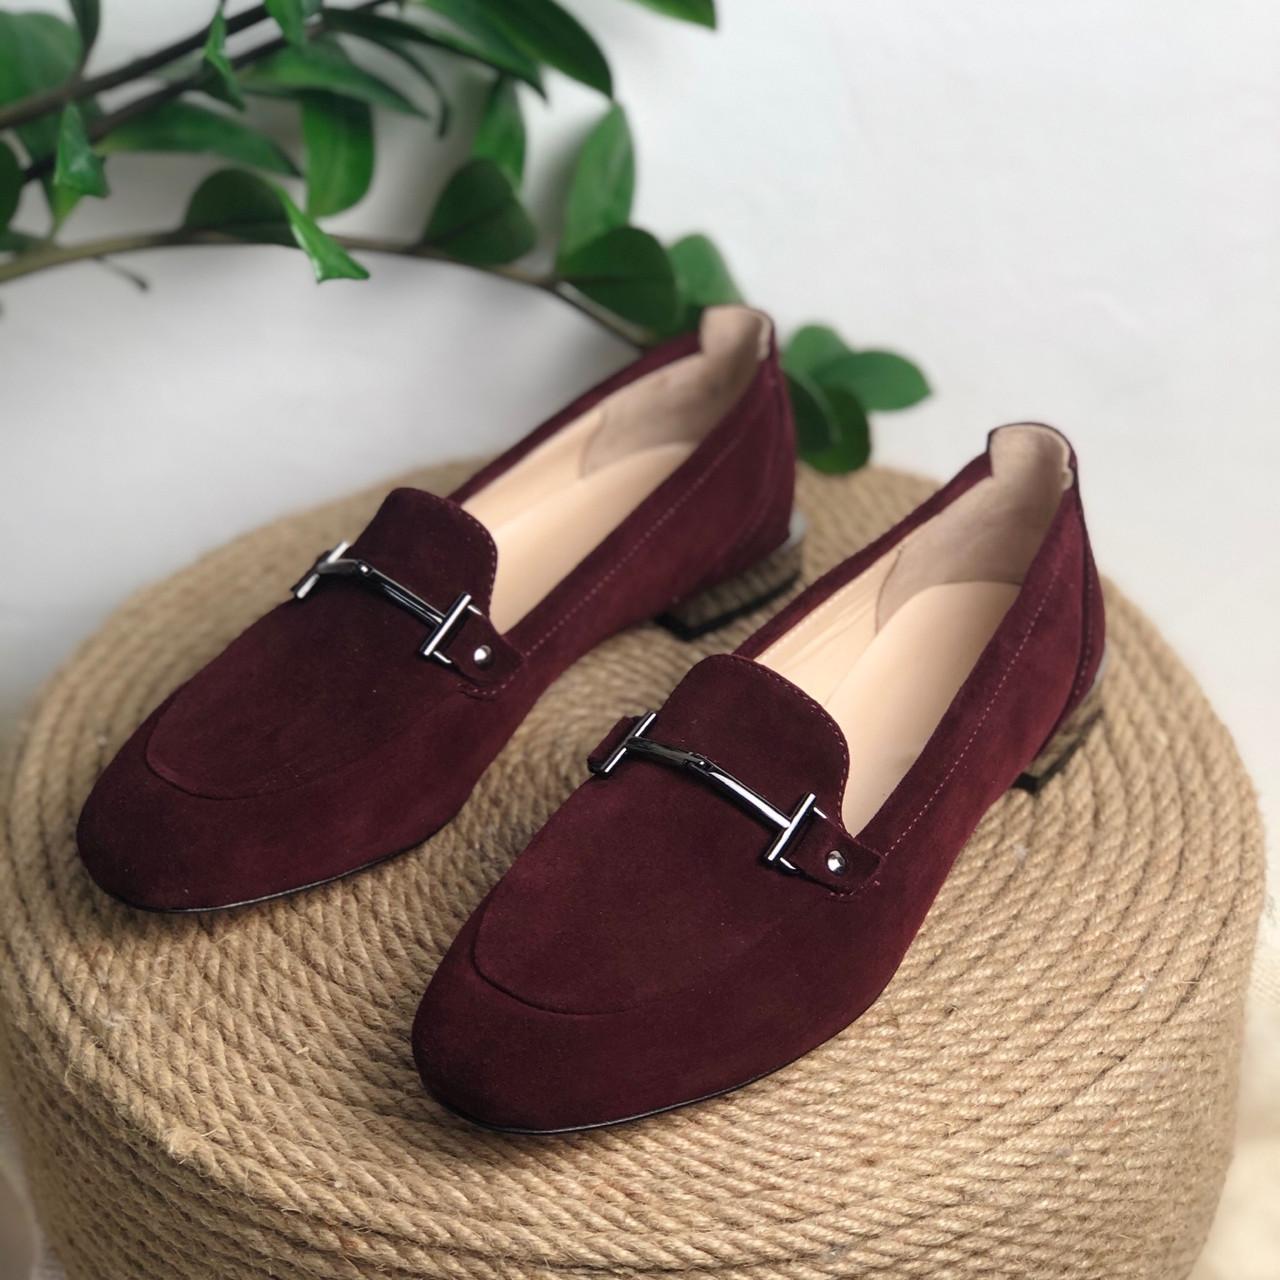 Жіночі туфлі лофери з натуральної замші бордового кольору Можливий відшиваючи у інших кольорах шкіри і замші